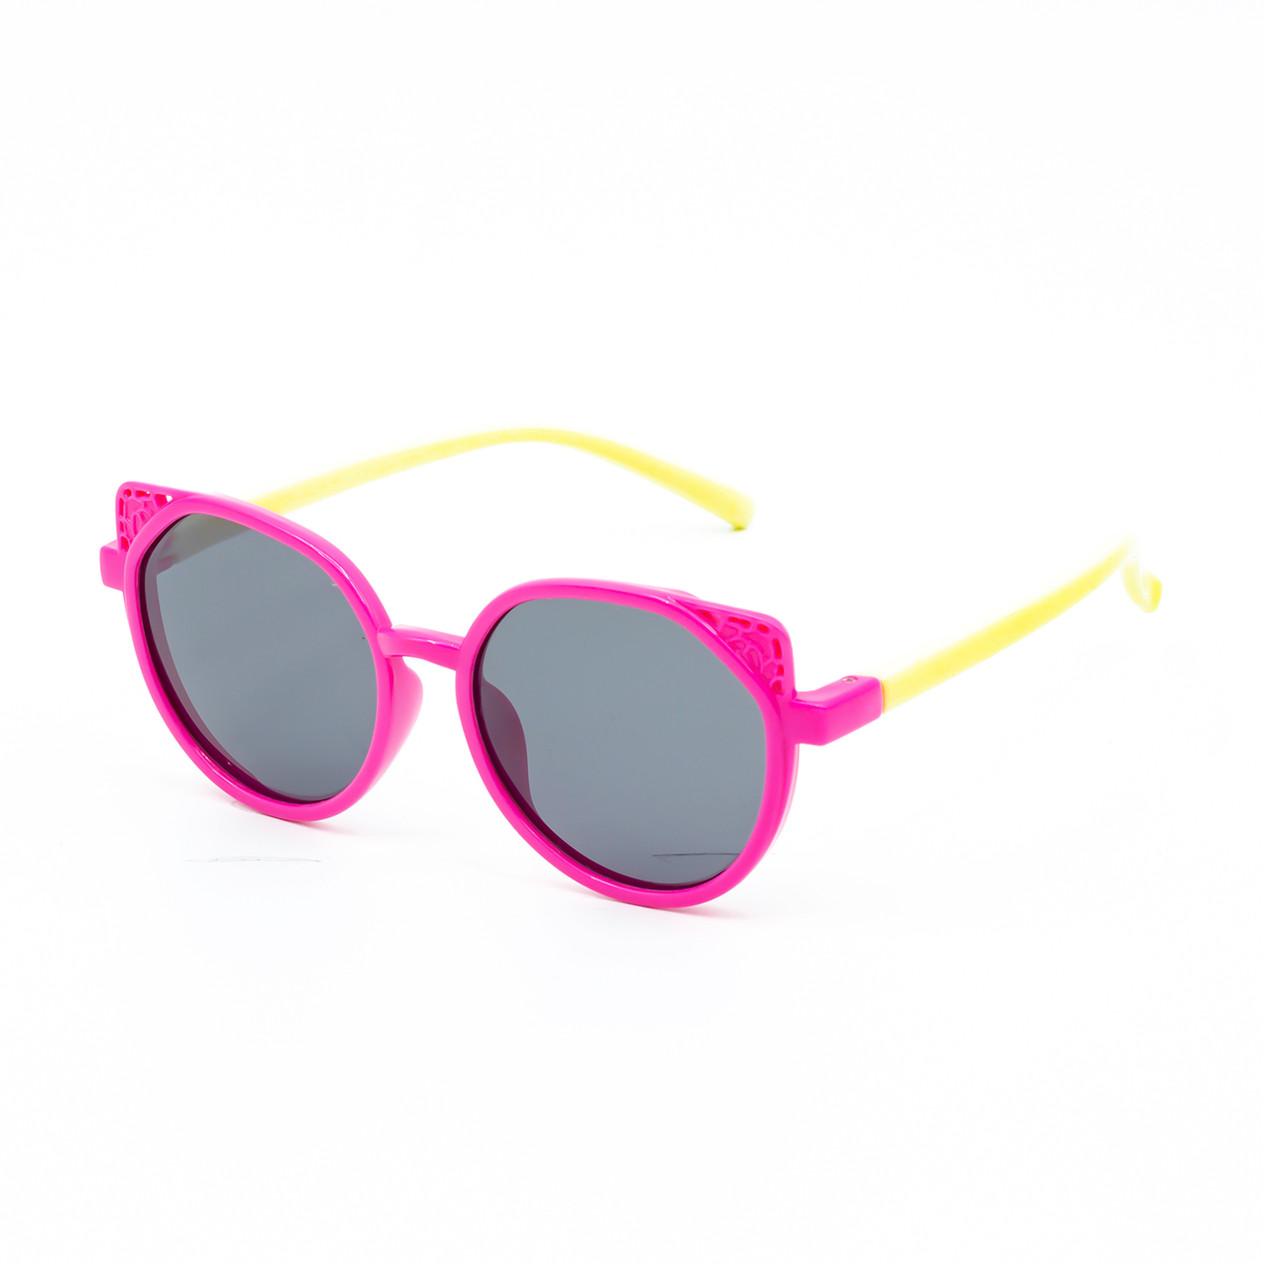 Сонцезахисні окуляри Marmilen P18138 C4 рожеві з молочним ( KAP18138-04 )